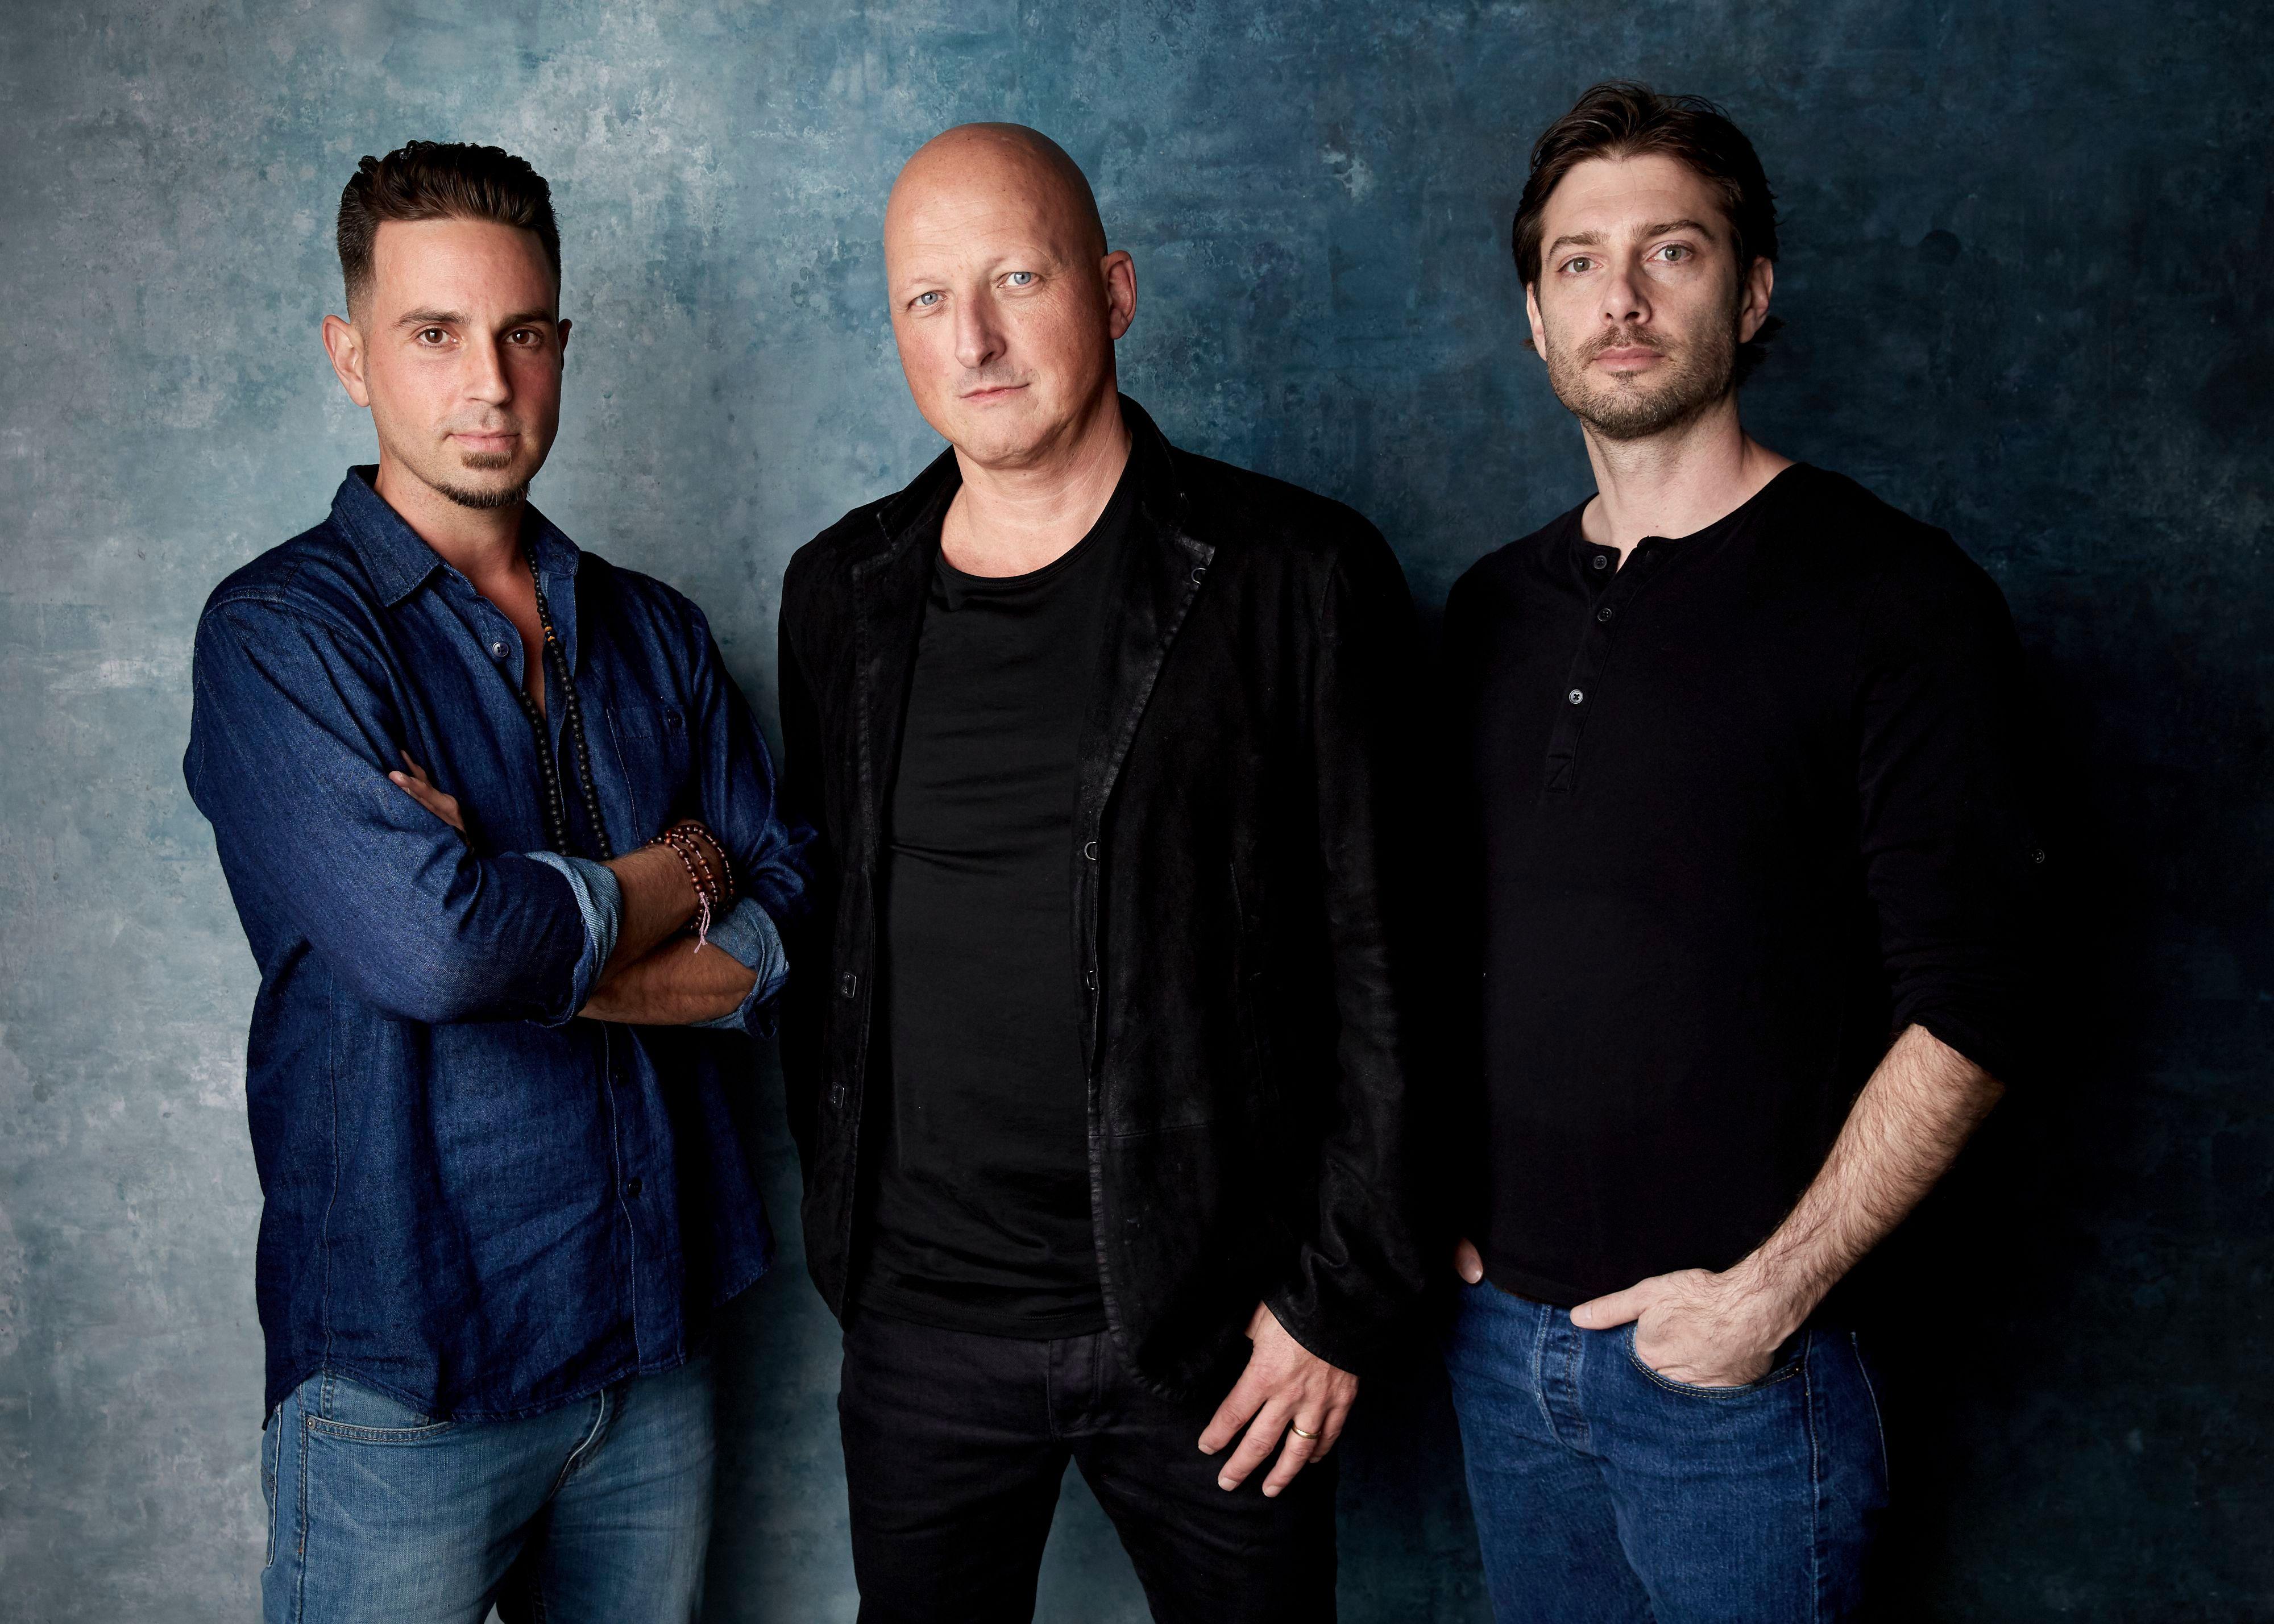 Wade Robson, Dan Reed, James Safechuck. Wade Robson, von links Regisseur Dan Reed und James Safechuck, posieren für ein Portrait, um den Film